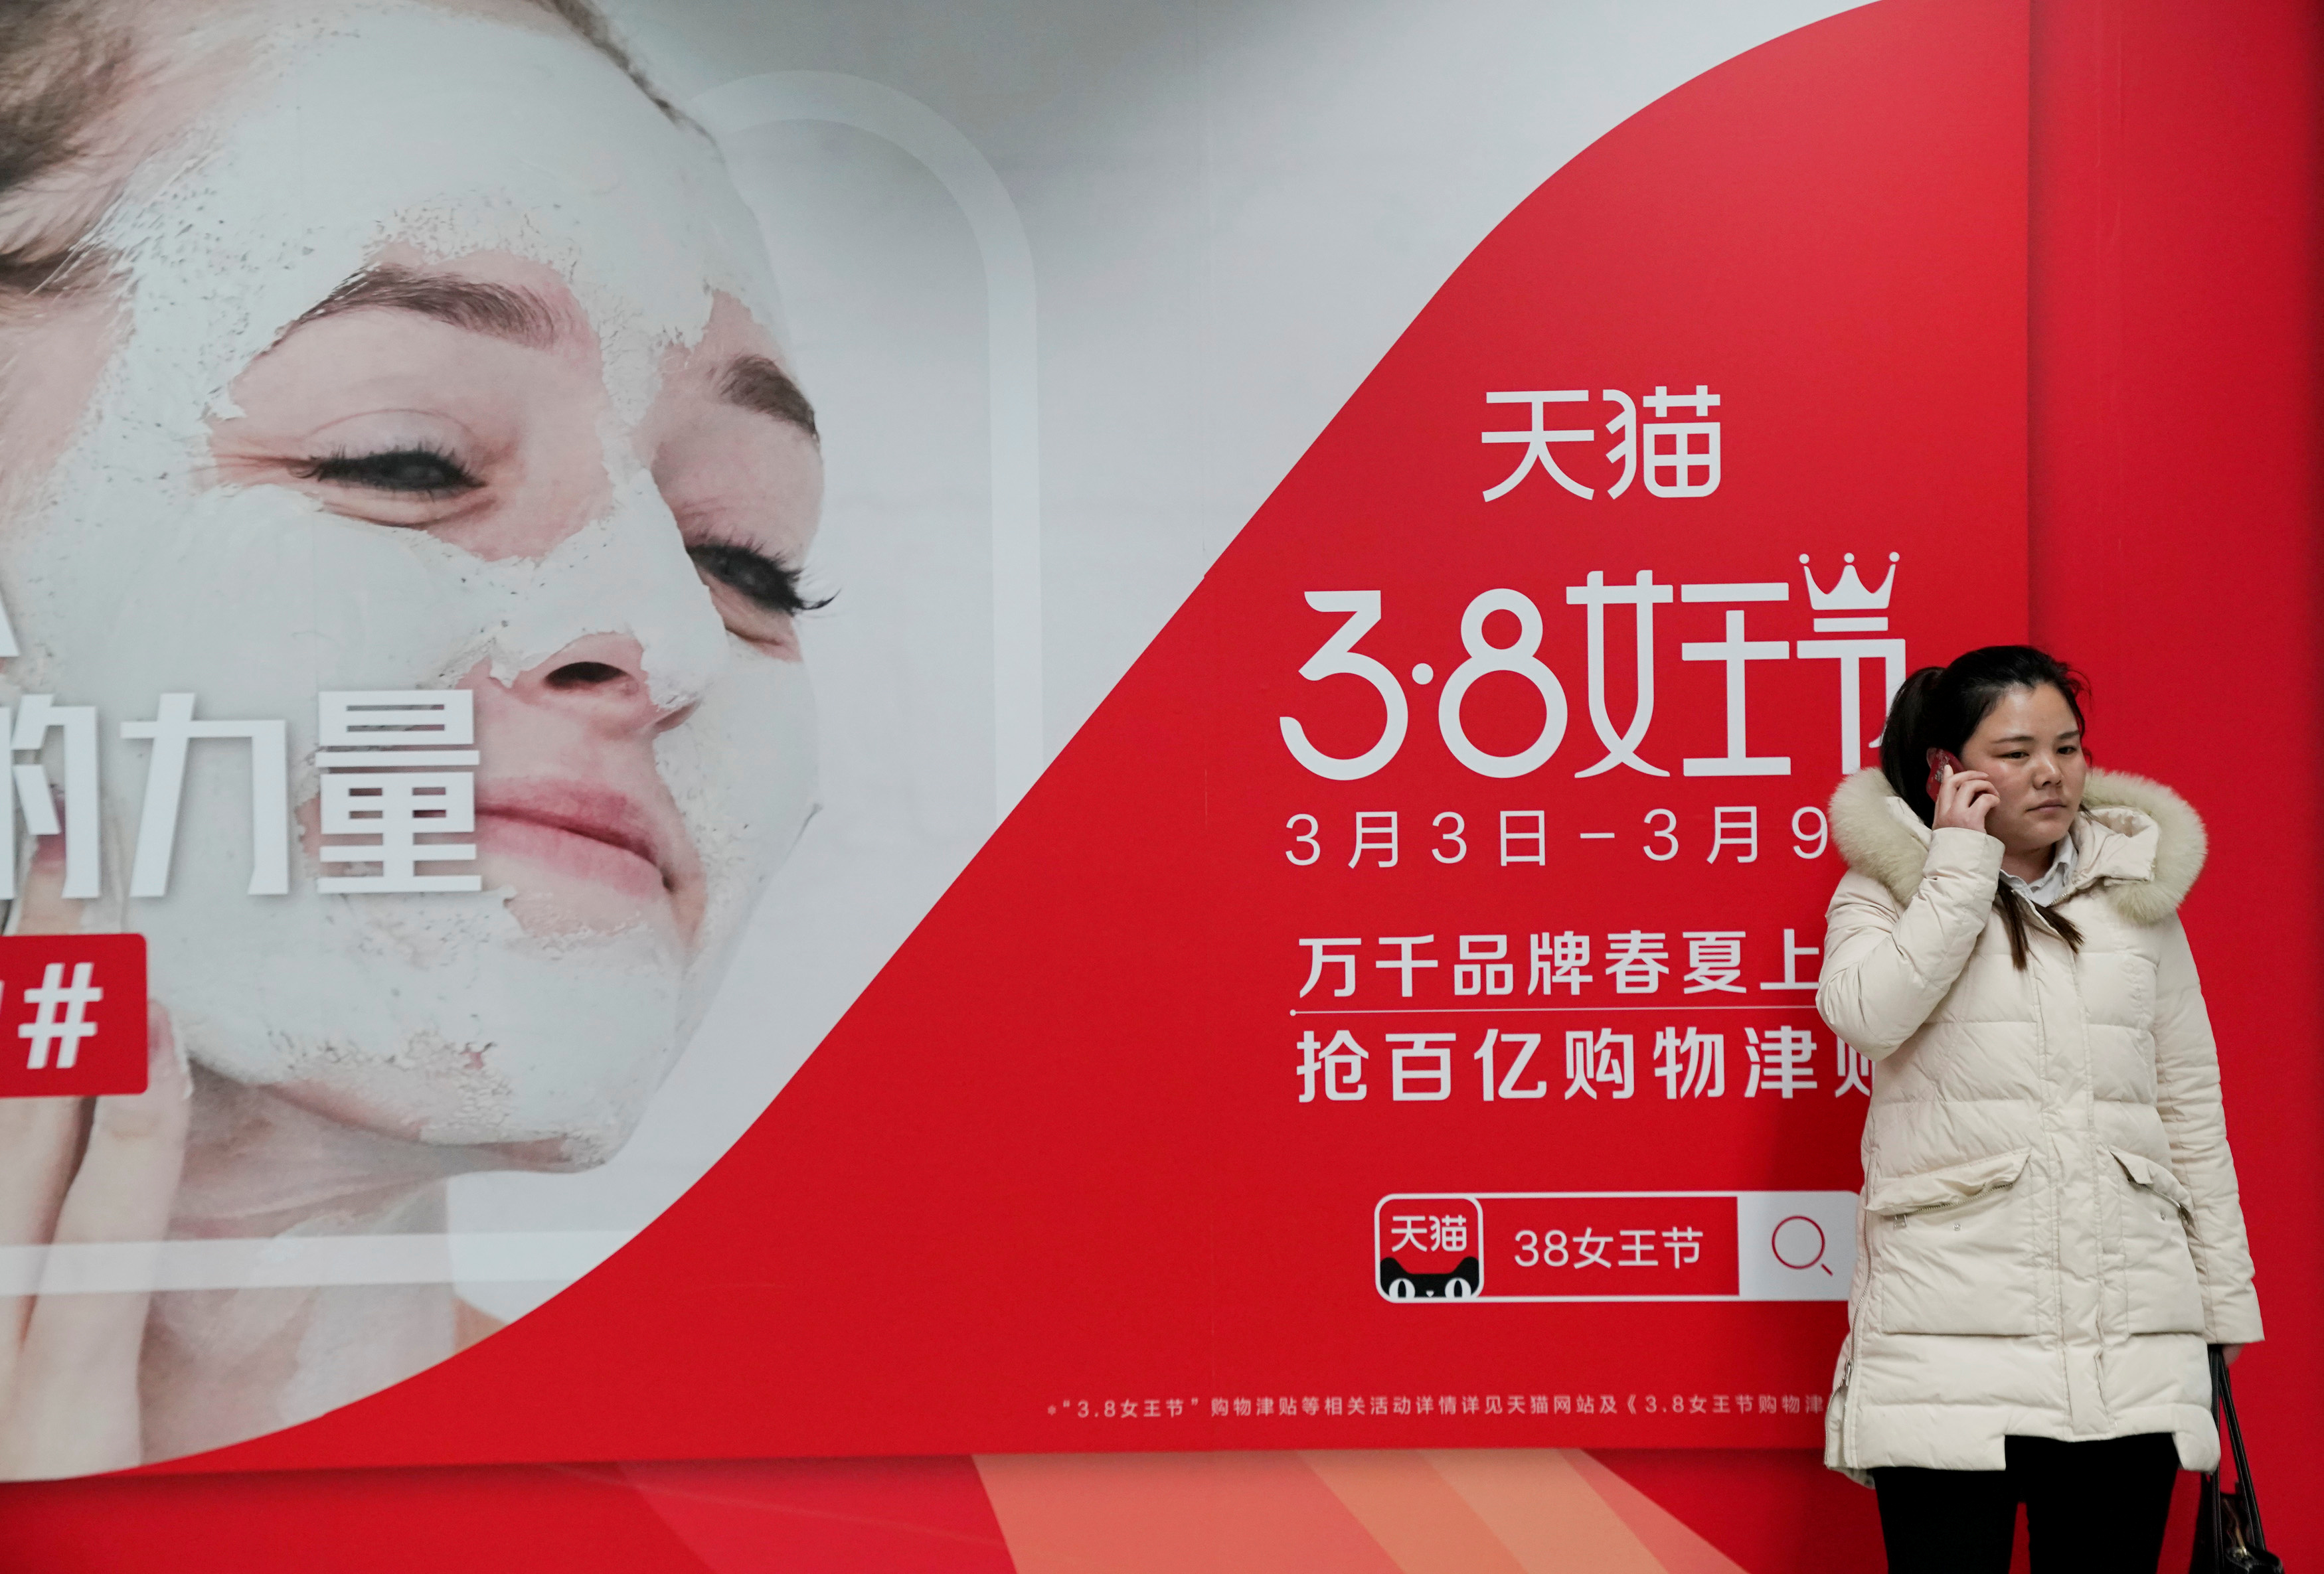 لافتات فى أموال تجارية فى الصين احتفالا باليوم العالمى للمرأة